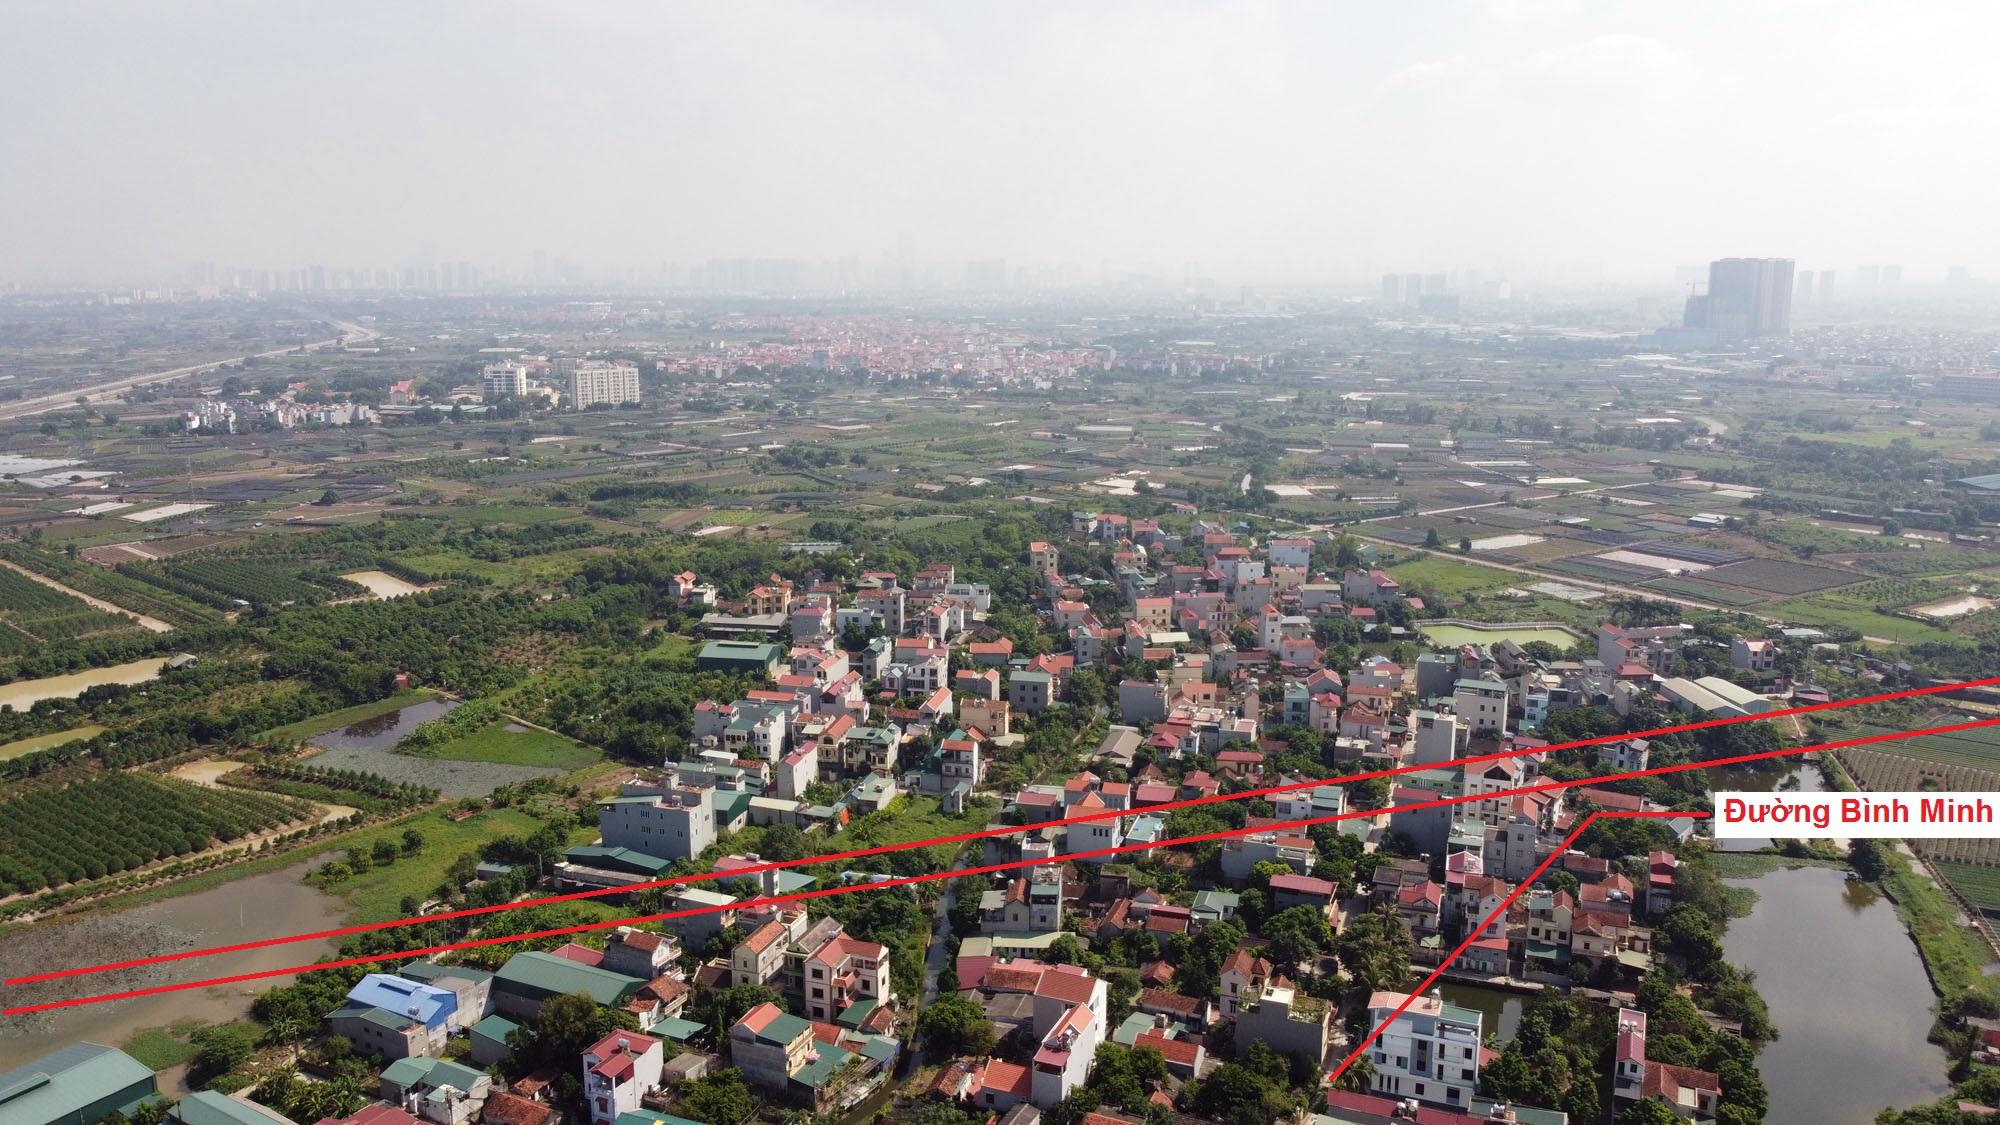 Ba đường sẽ mở theo qui hoạch ở xã Tân Lập, Đan Phượng, Hà Nội - Ảnh 5.